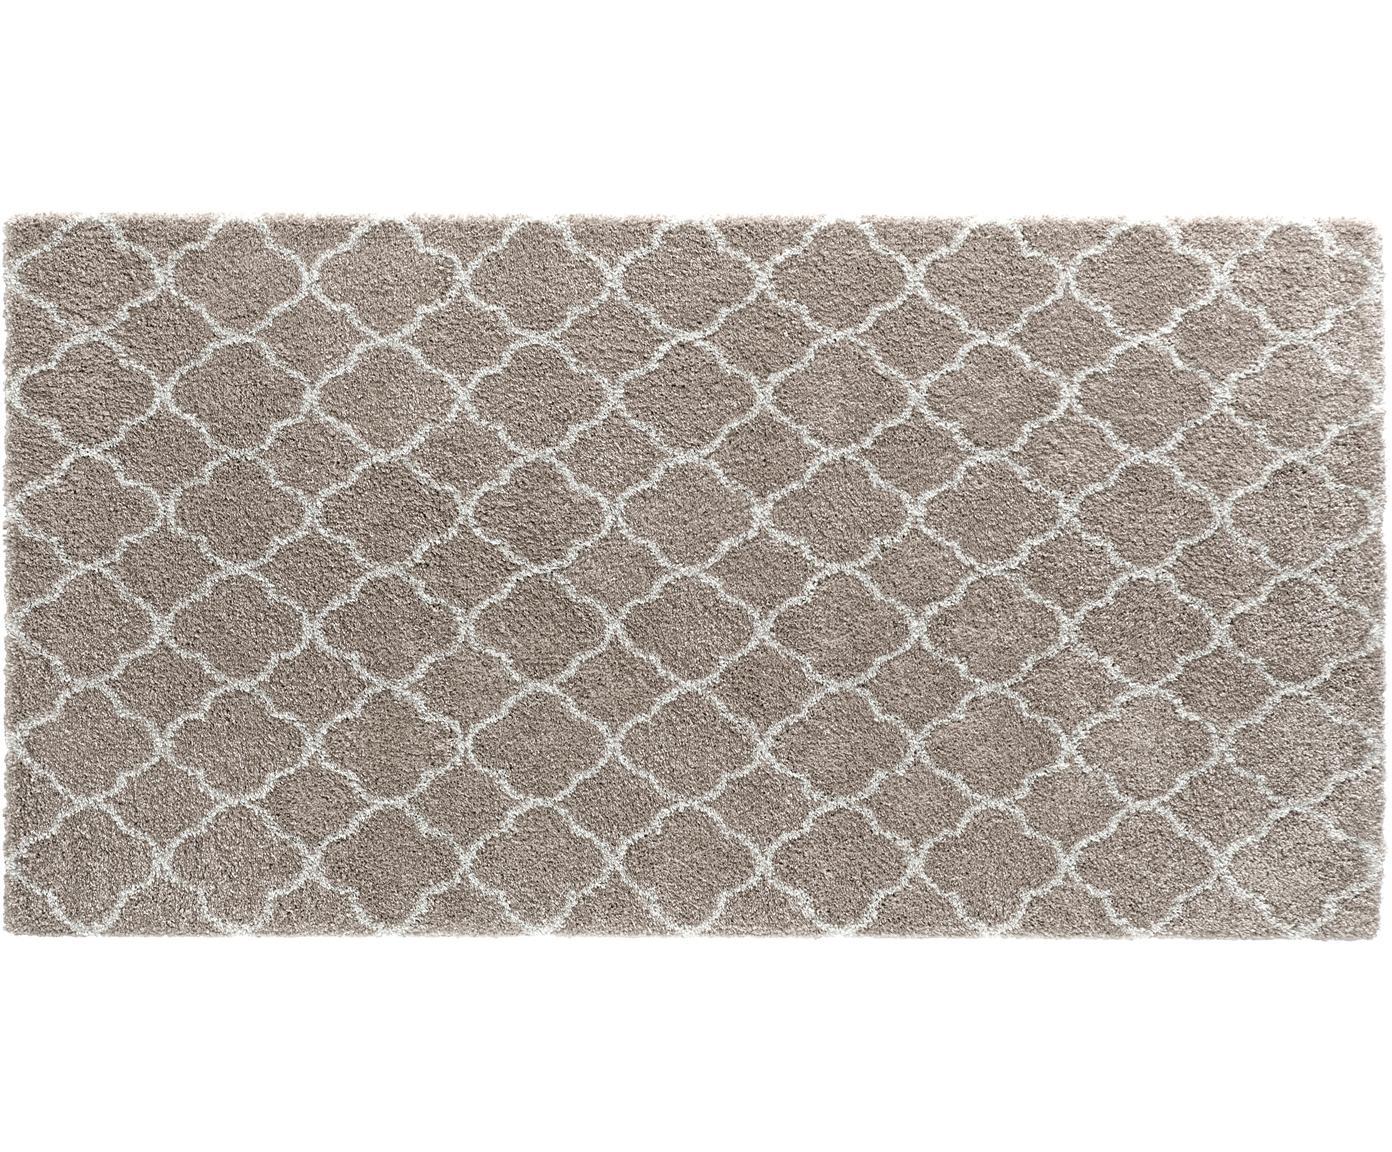 Hochflor-Teppich Grace in Creme/Beige, Beige, Cremefarben, B 80 x L 150 cm (Größe XS)